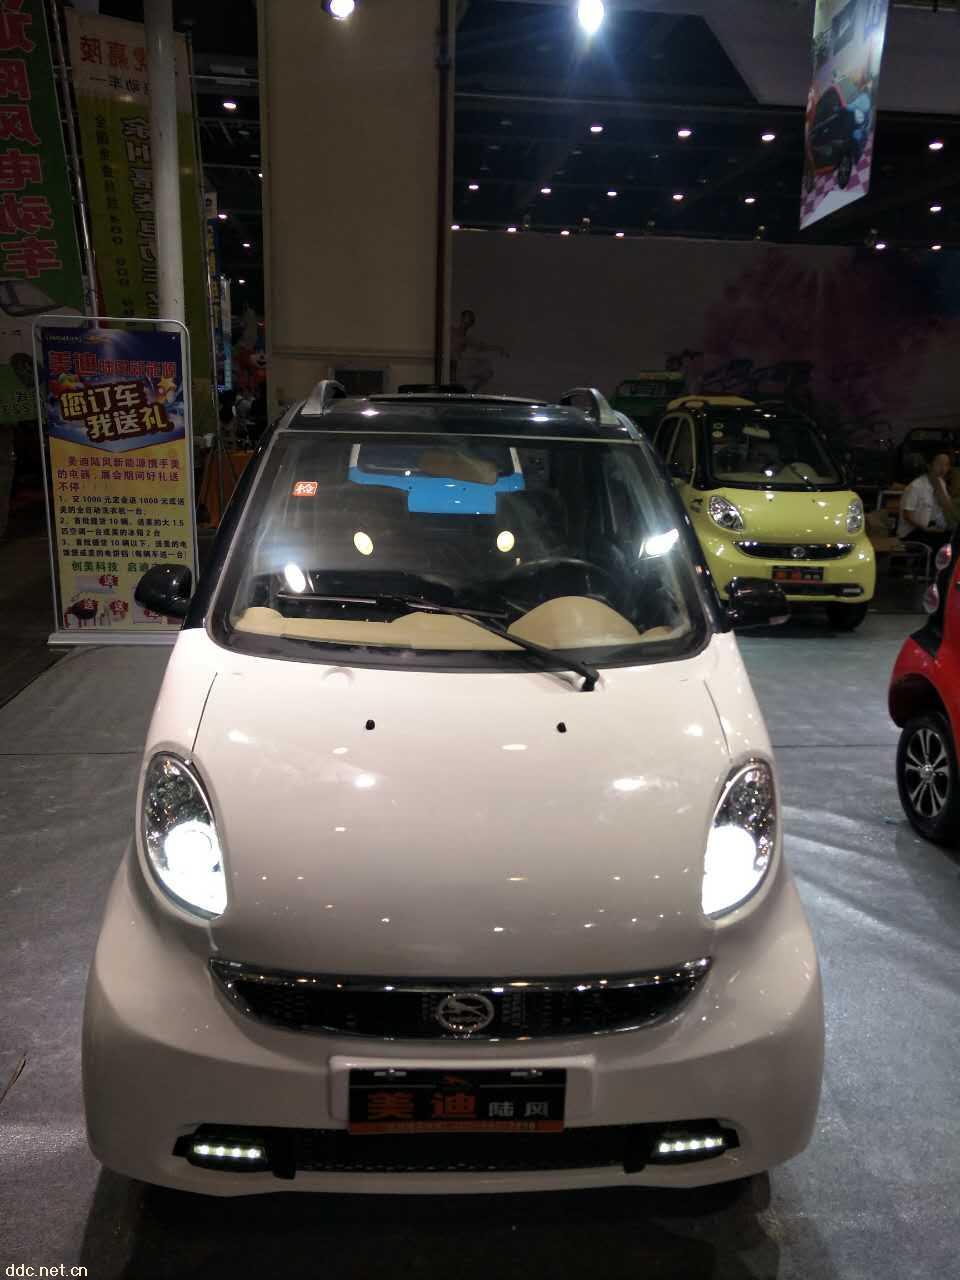 中国电动车网 产品中心 电动汽车 > 美迪陆风电动车